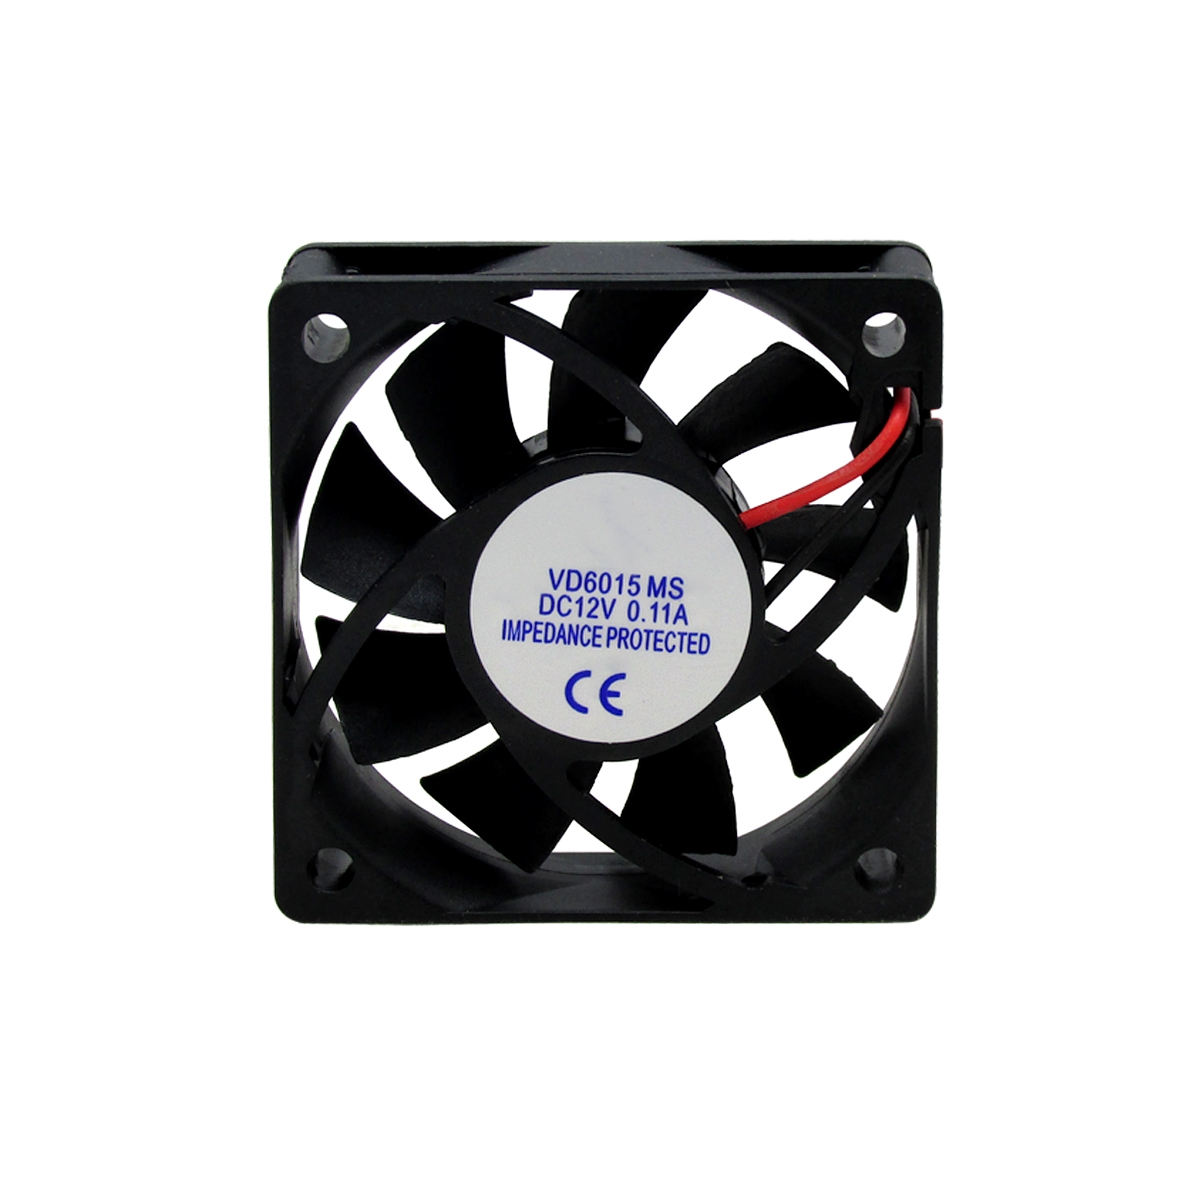 15pcs Ventilador Cooler Ventuinha Gc 60x60x15mm 12v Nova